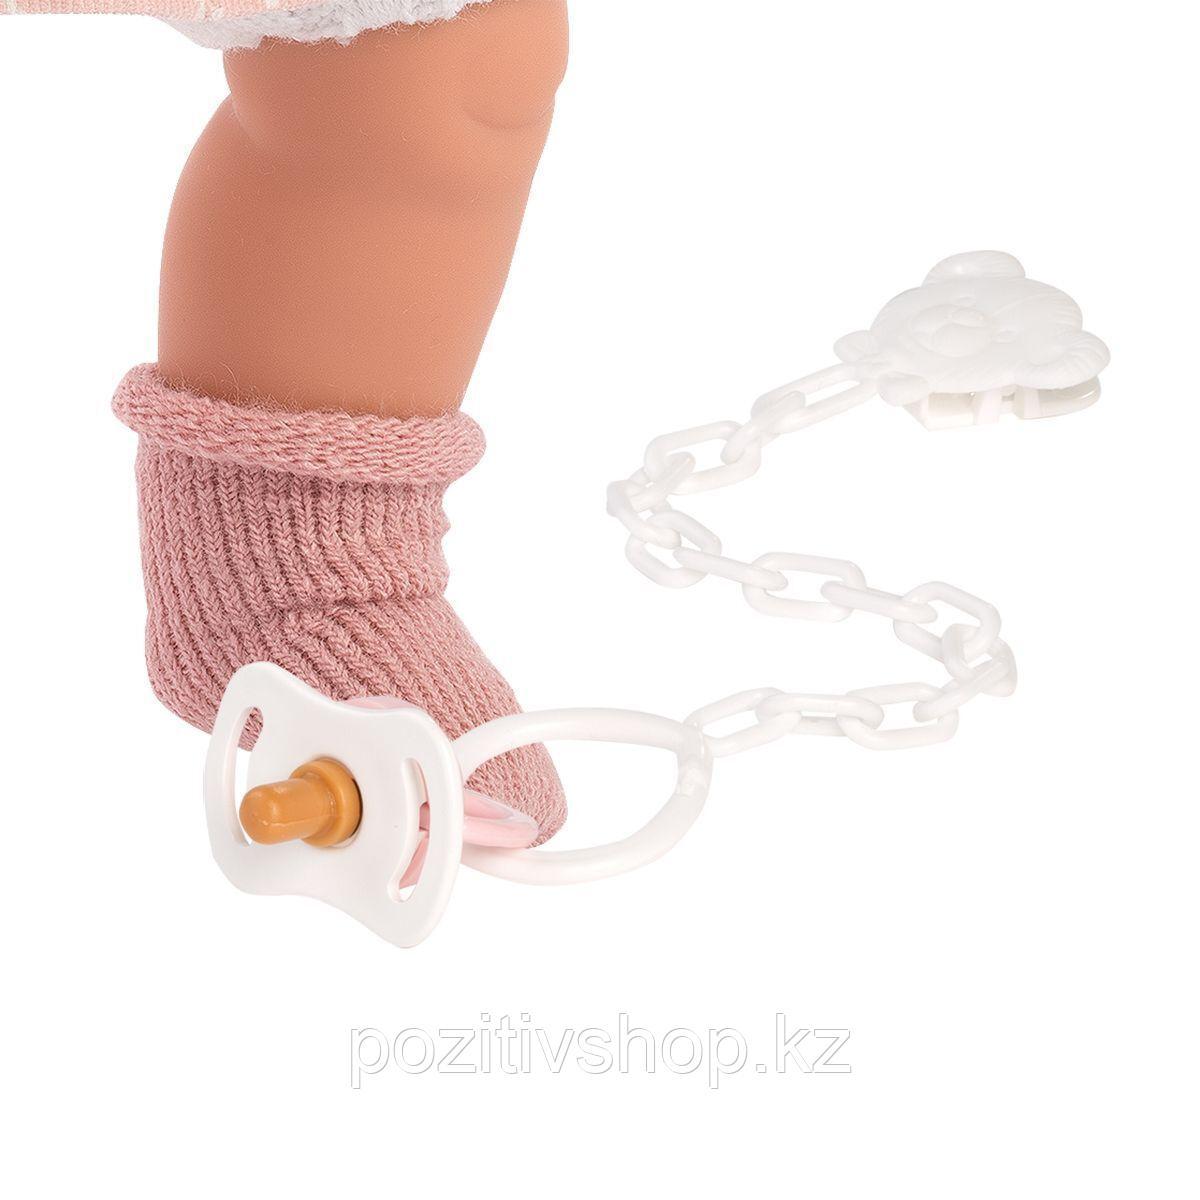 Кукла Llorens Лола 38см, брюнетка в белой курточке с капюшоном - фото 3